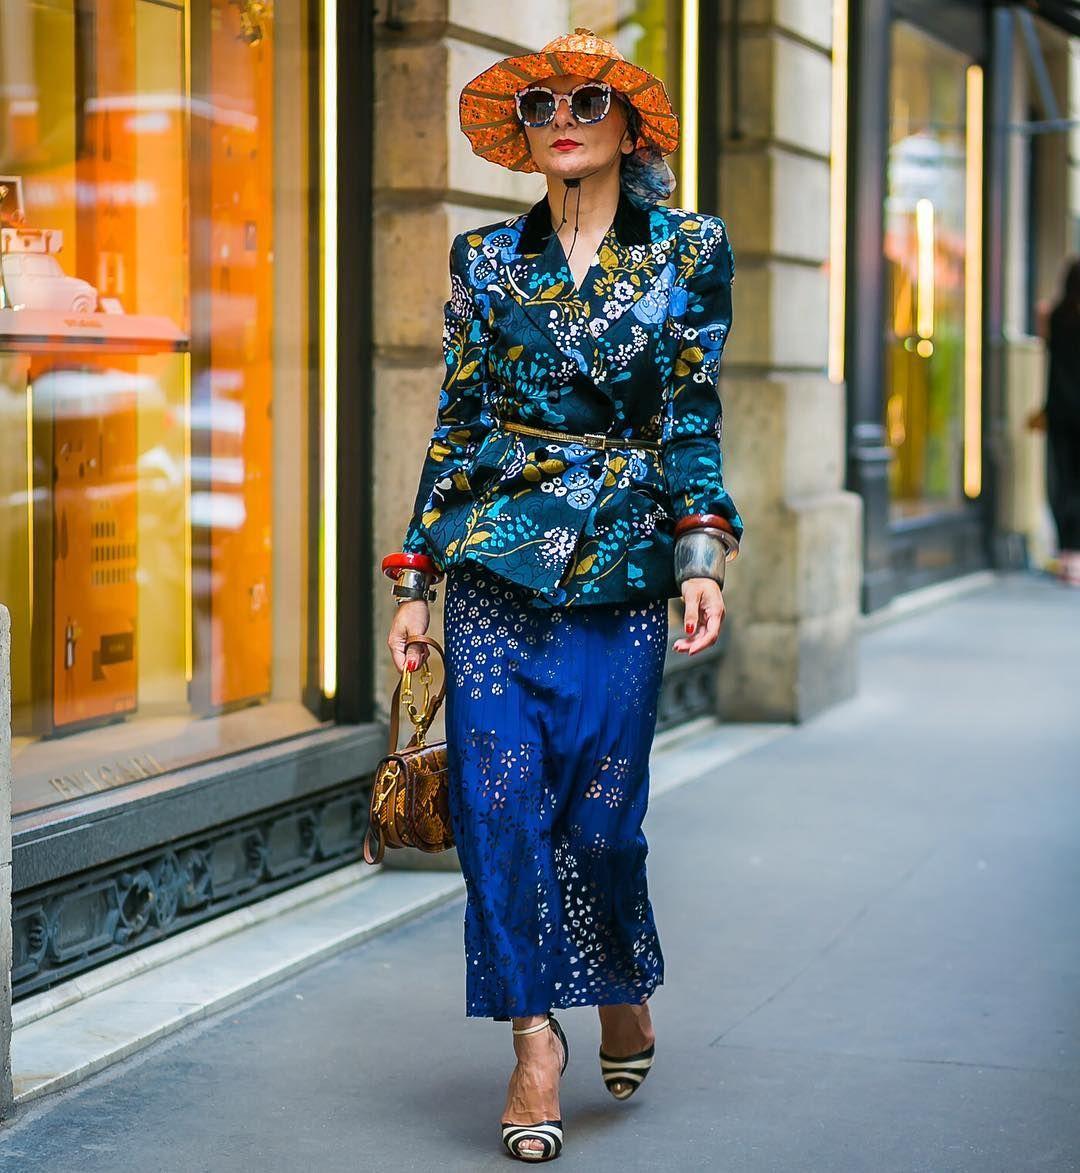 Cristina Ferreira | Daily Cristina | Moda | Street Style | Semana de Moda de Alta Costura | Paris